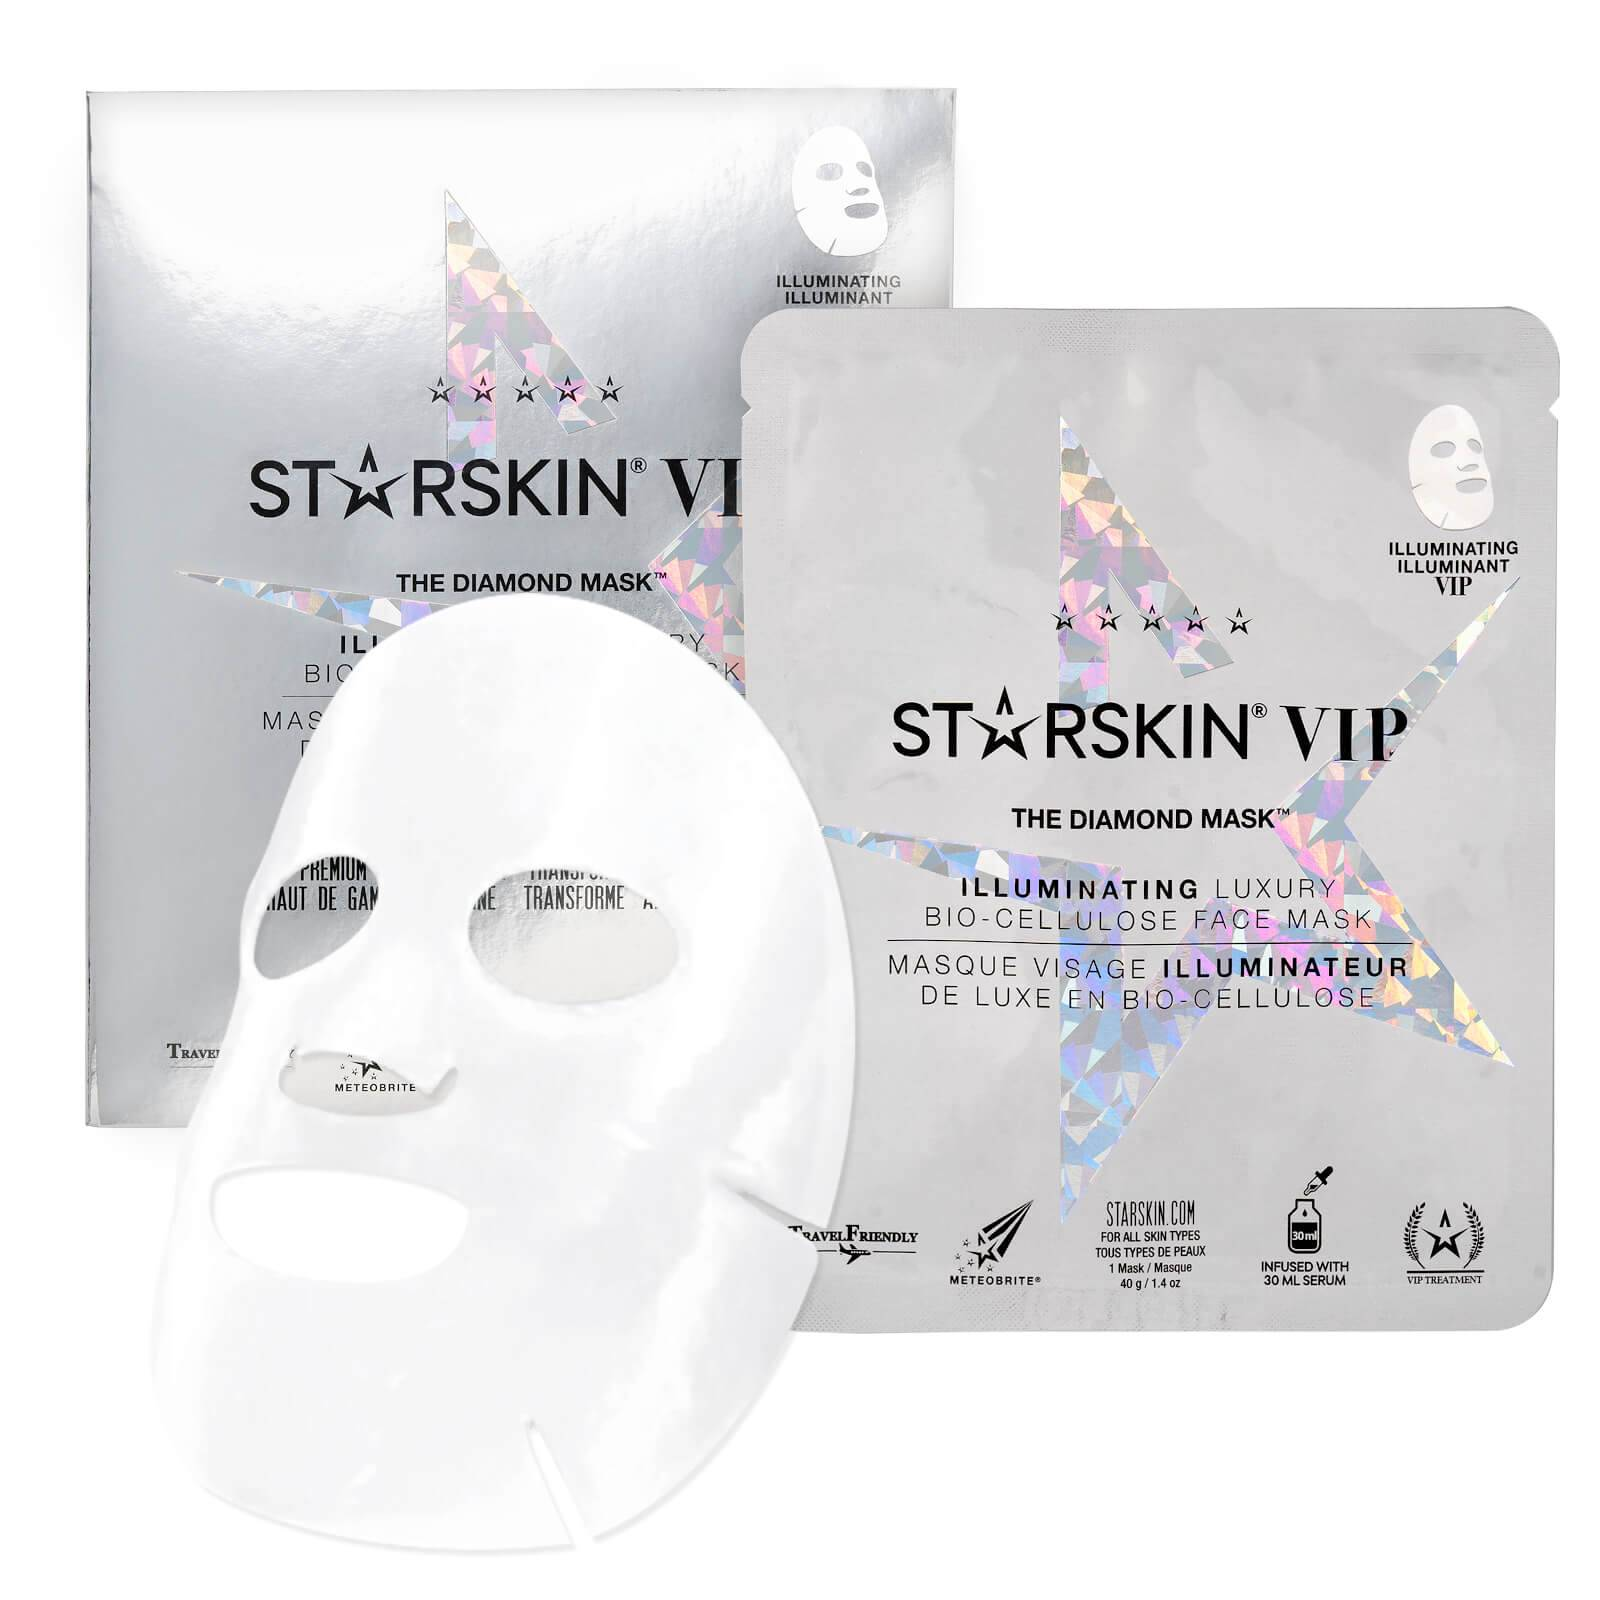 STARSKIN Masque Visage VIP Seconde Peau Illuminateur Noix de Coco Bio-Cellulose The Diamond Mask™ STARSKIN